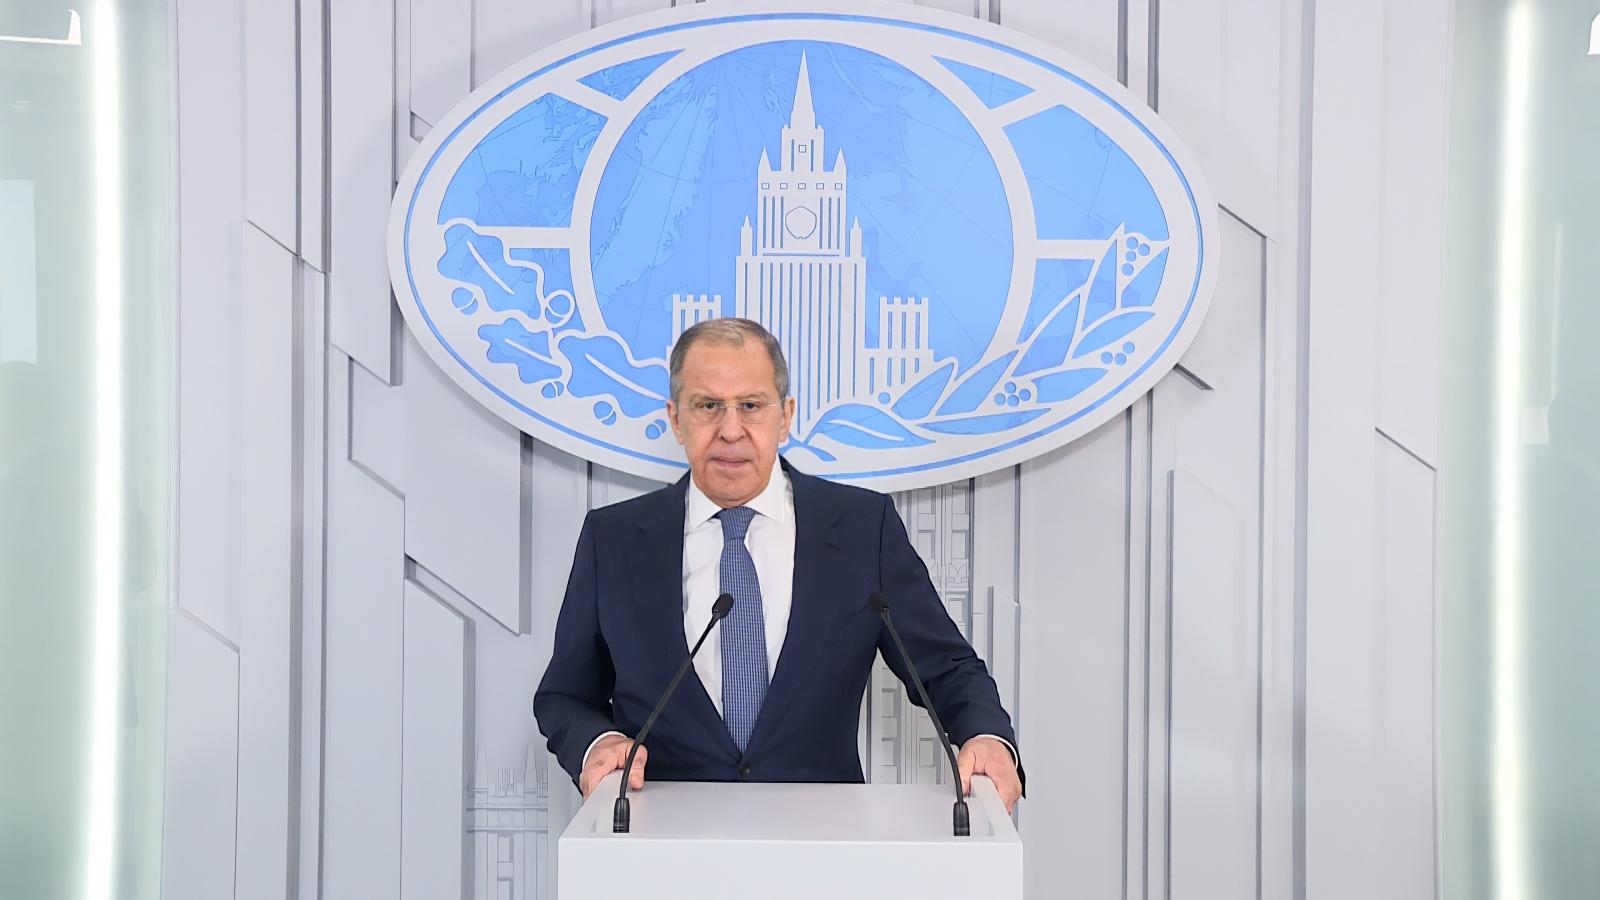 Nga kêu gọi bắt đầu đàm phán một thỏa thuận quốc tếvề Không gian